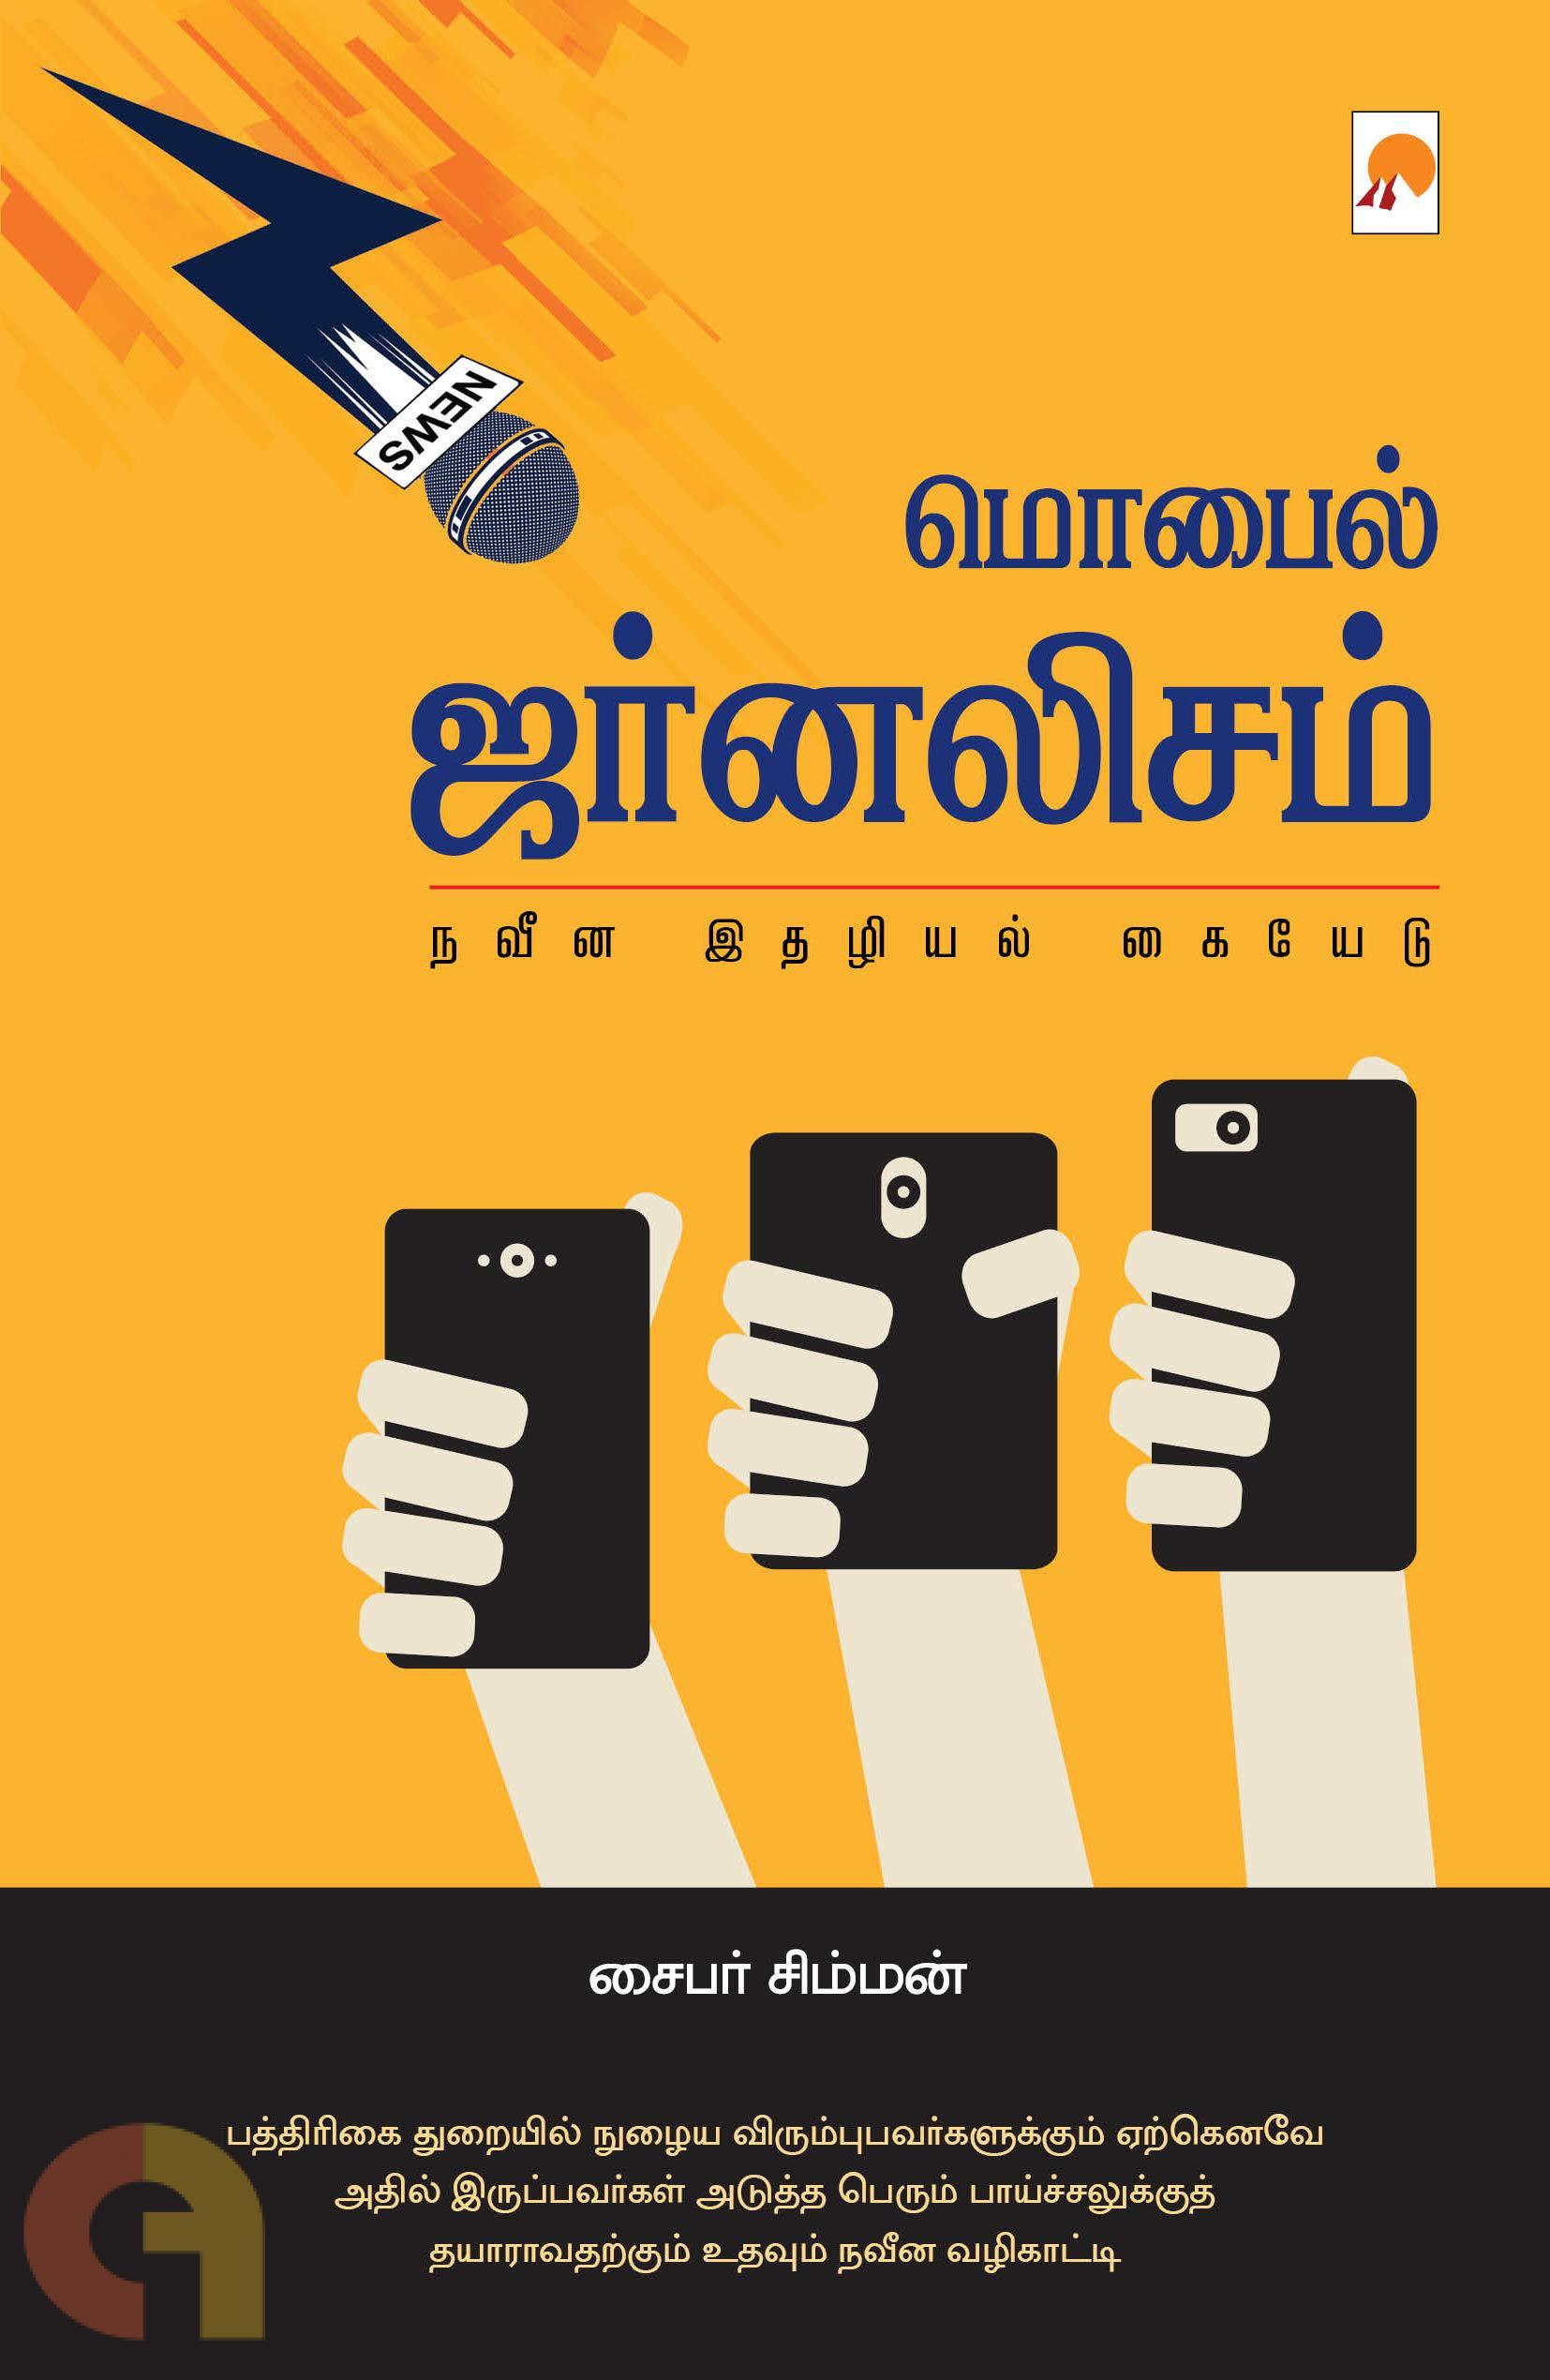 மொபைல் ஜர்னலிசம்: நவீன இதழியல் கையேடு